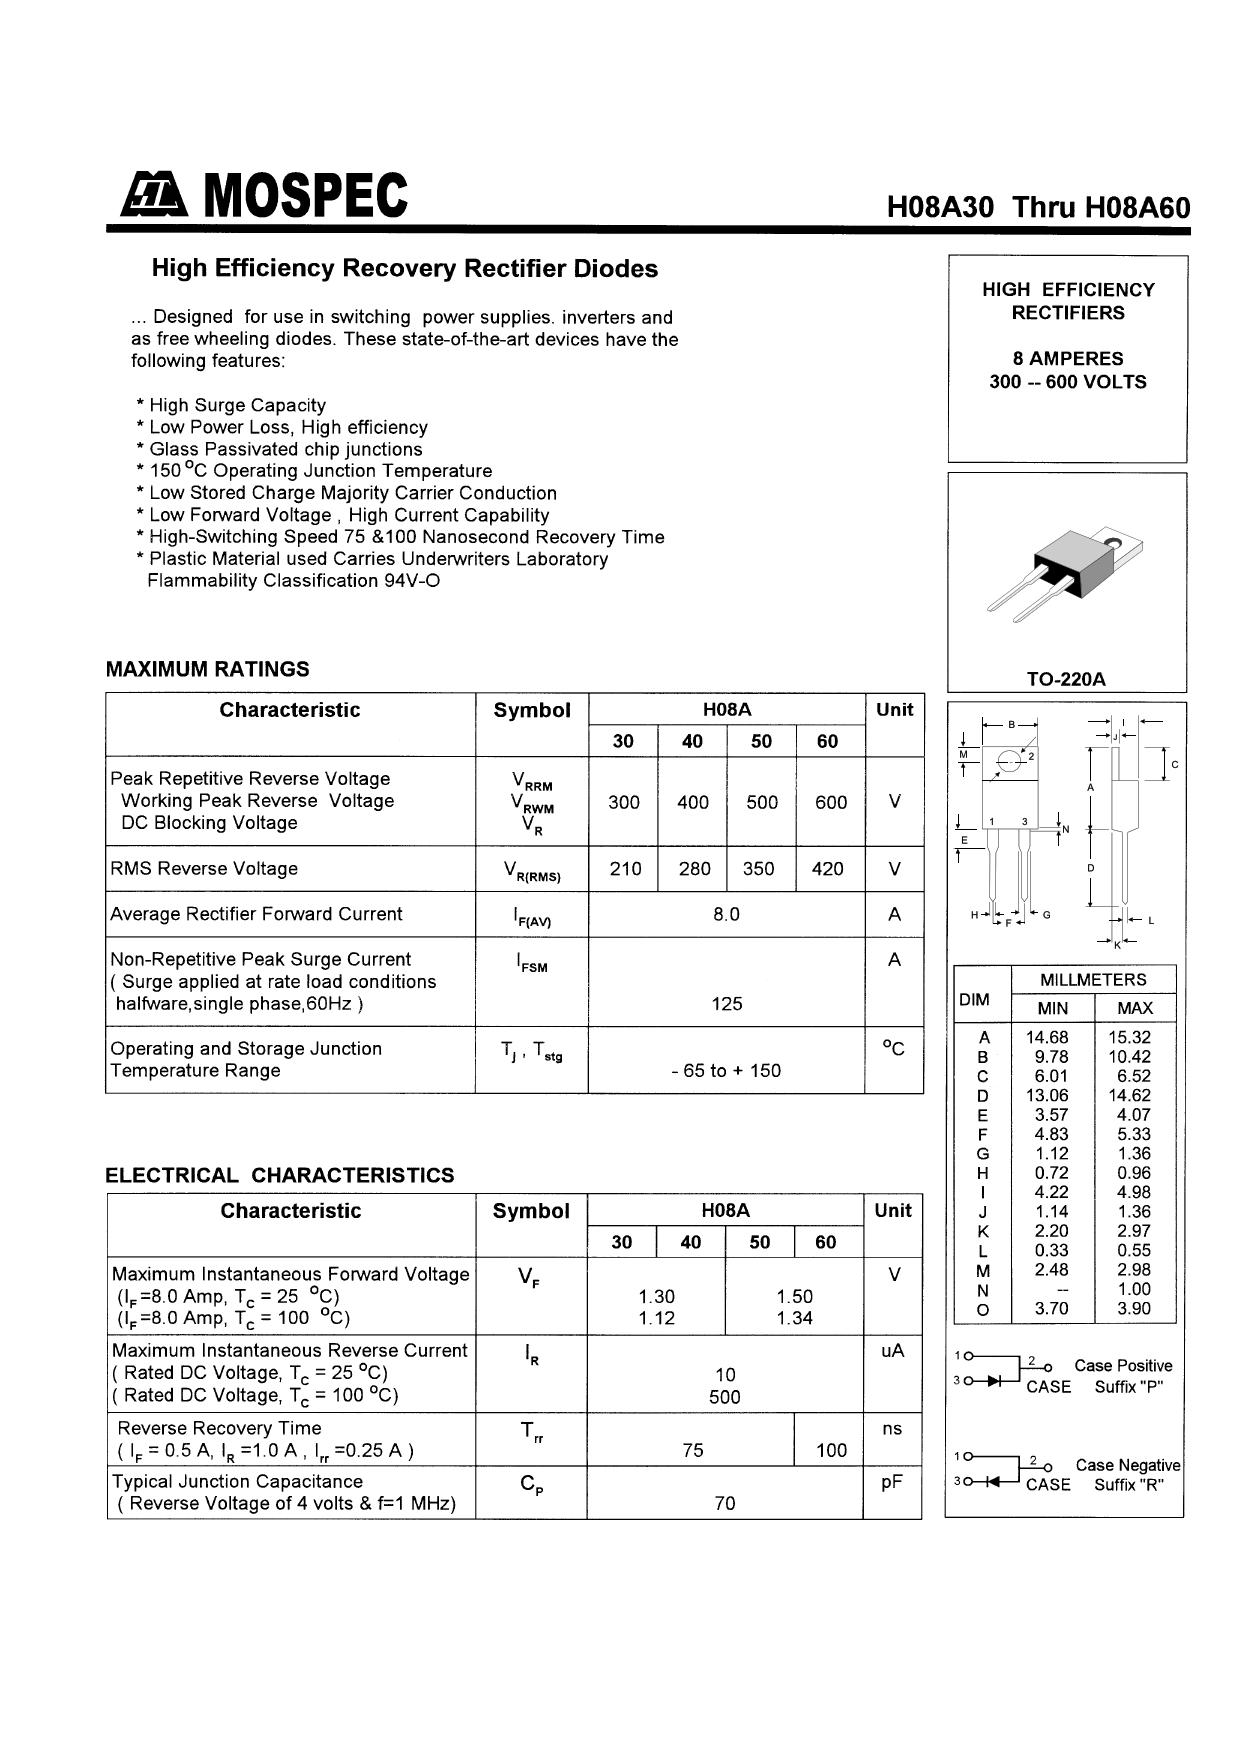 H08A30 datasheet